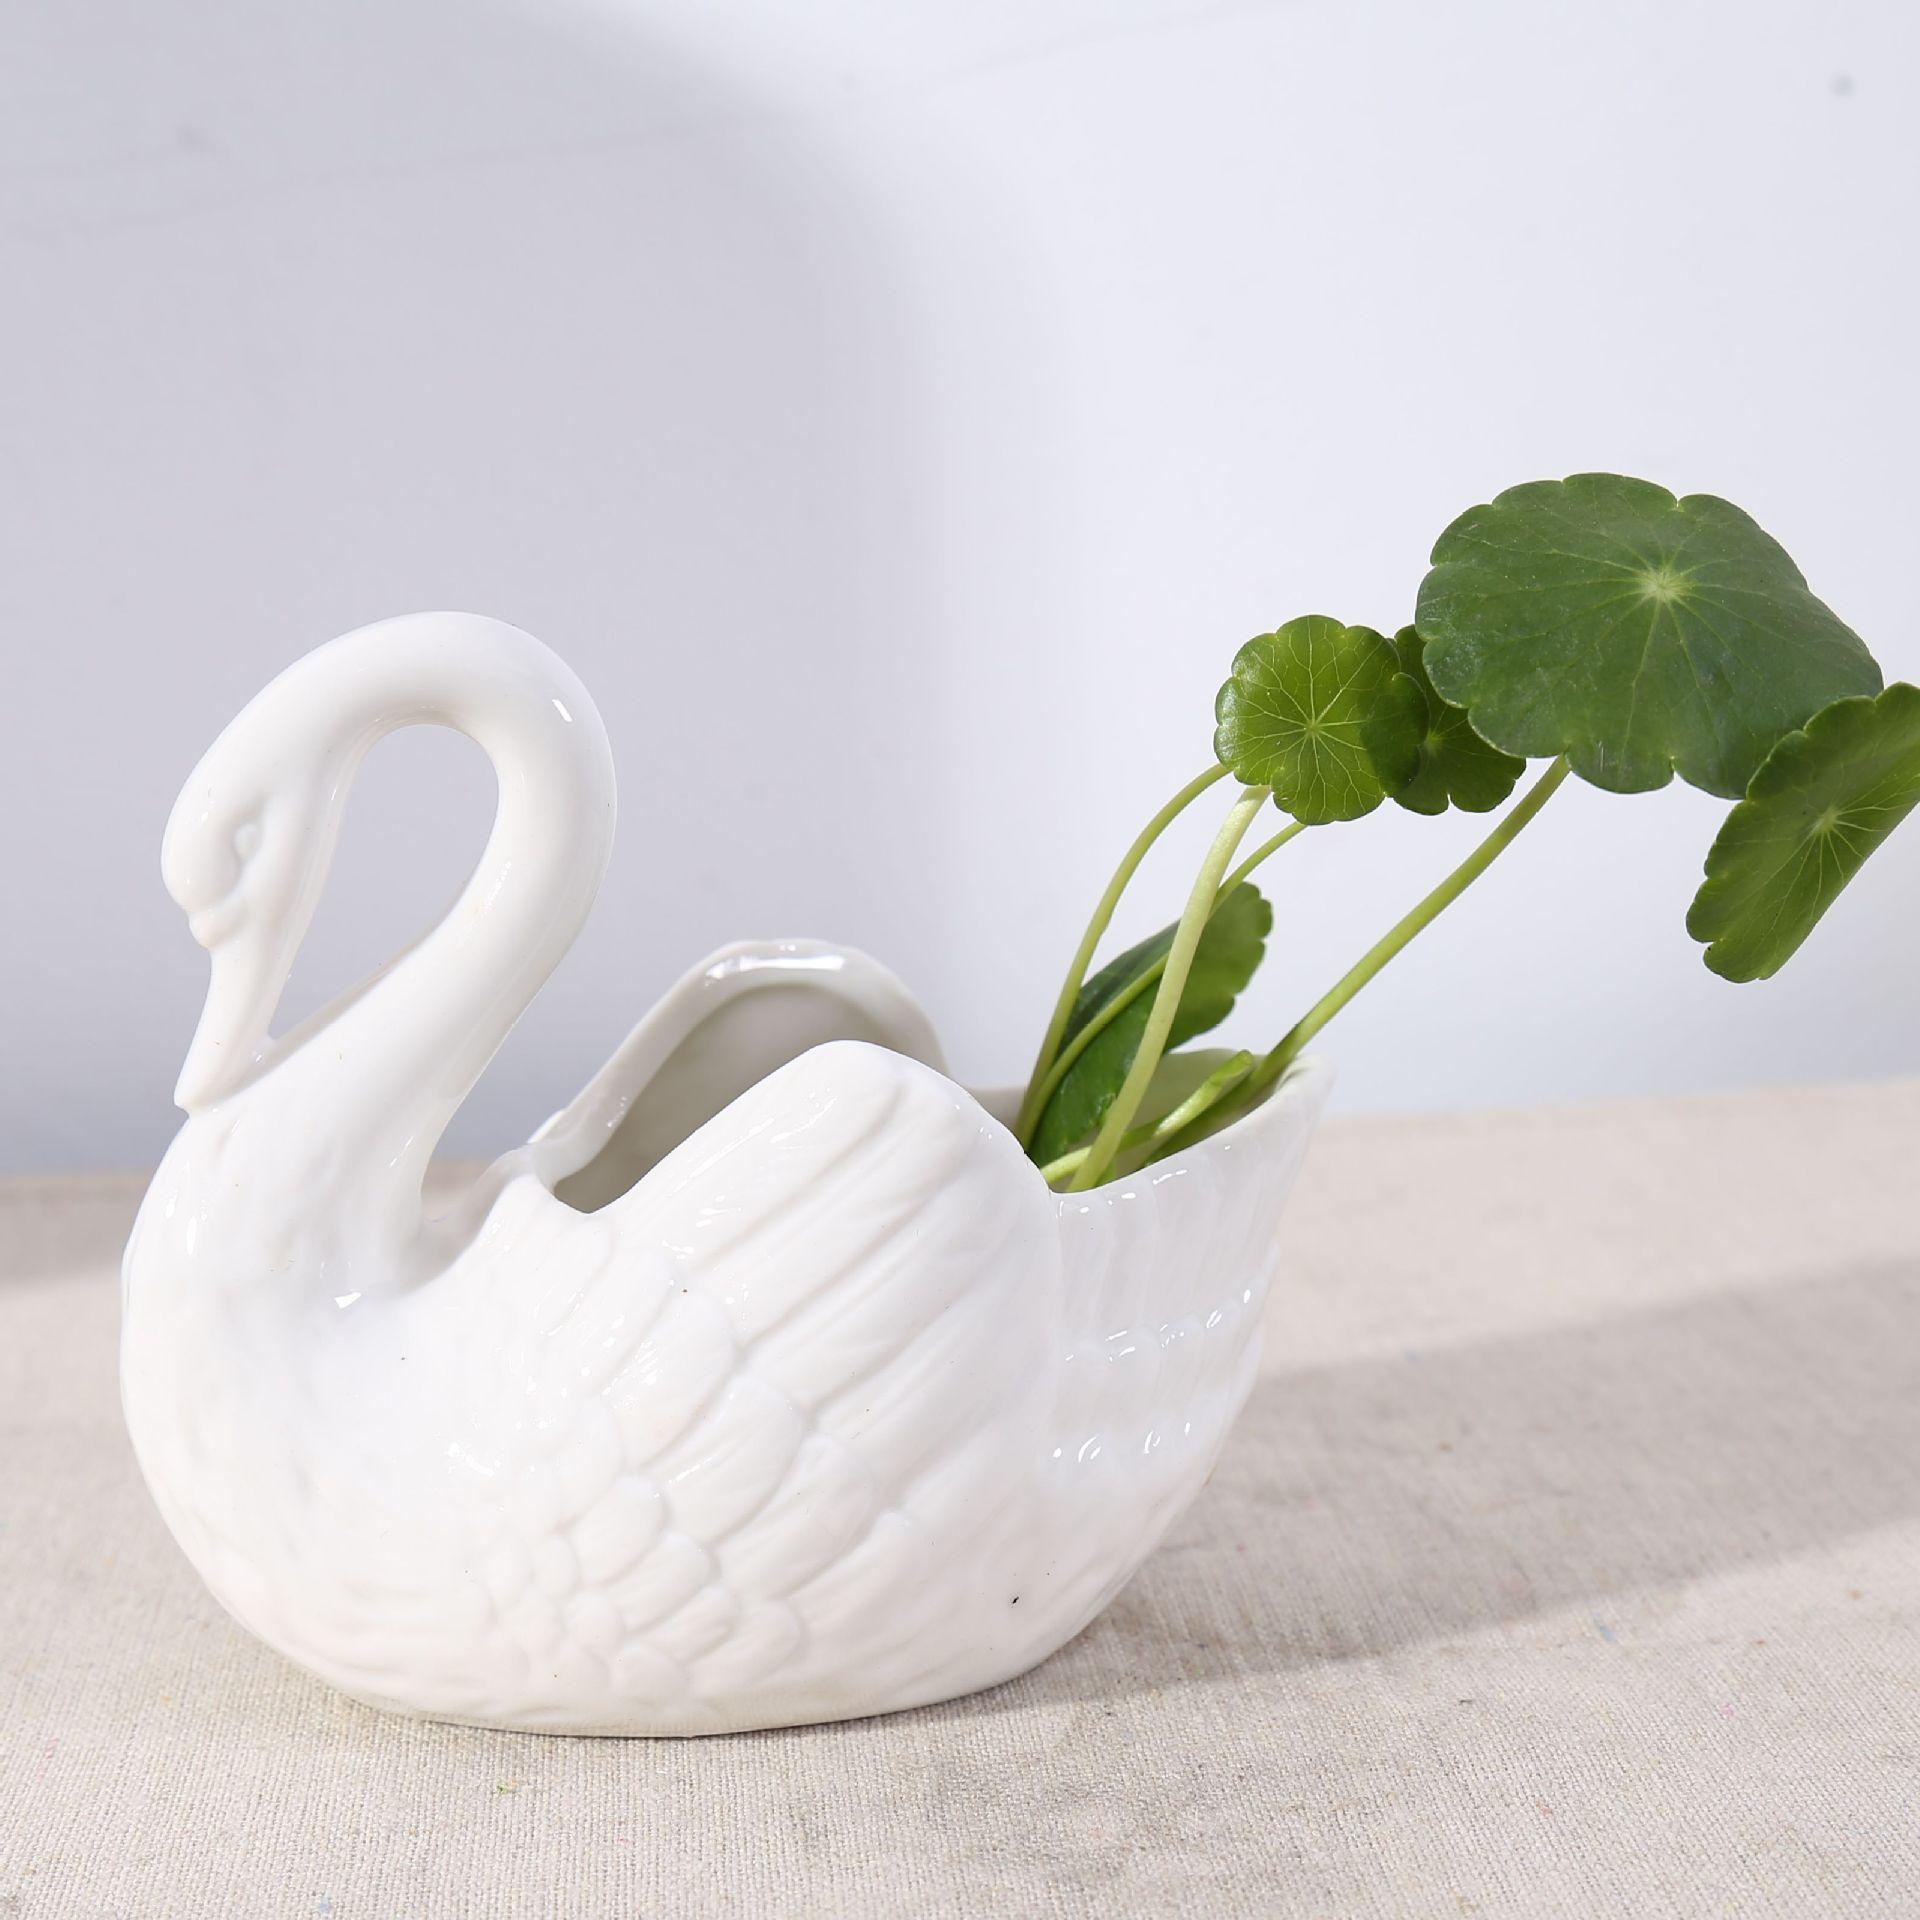 拍摄道具白色陶瓷天鹅烛台迷你花盆水培花器拍摄背景家居装饰摆件